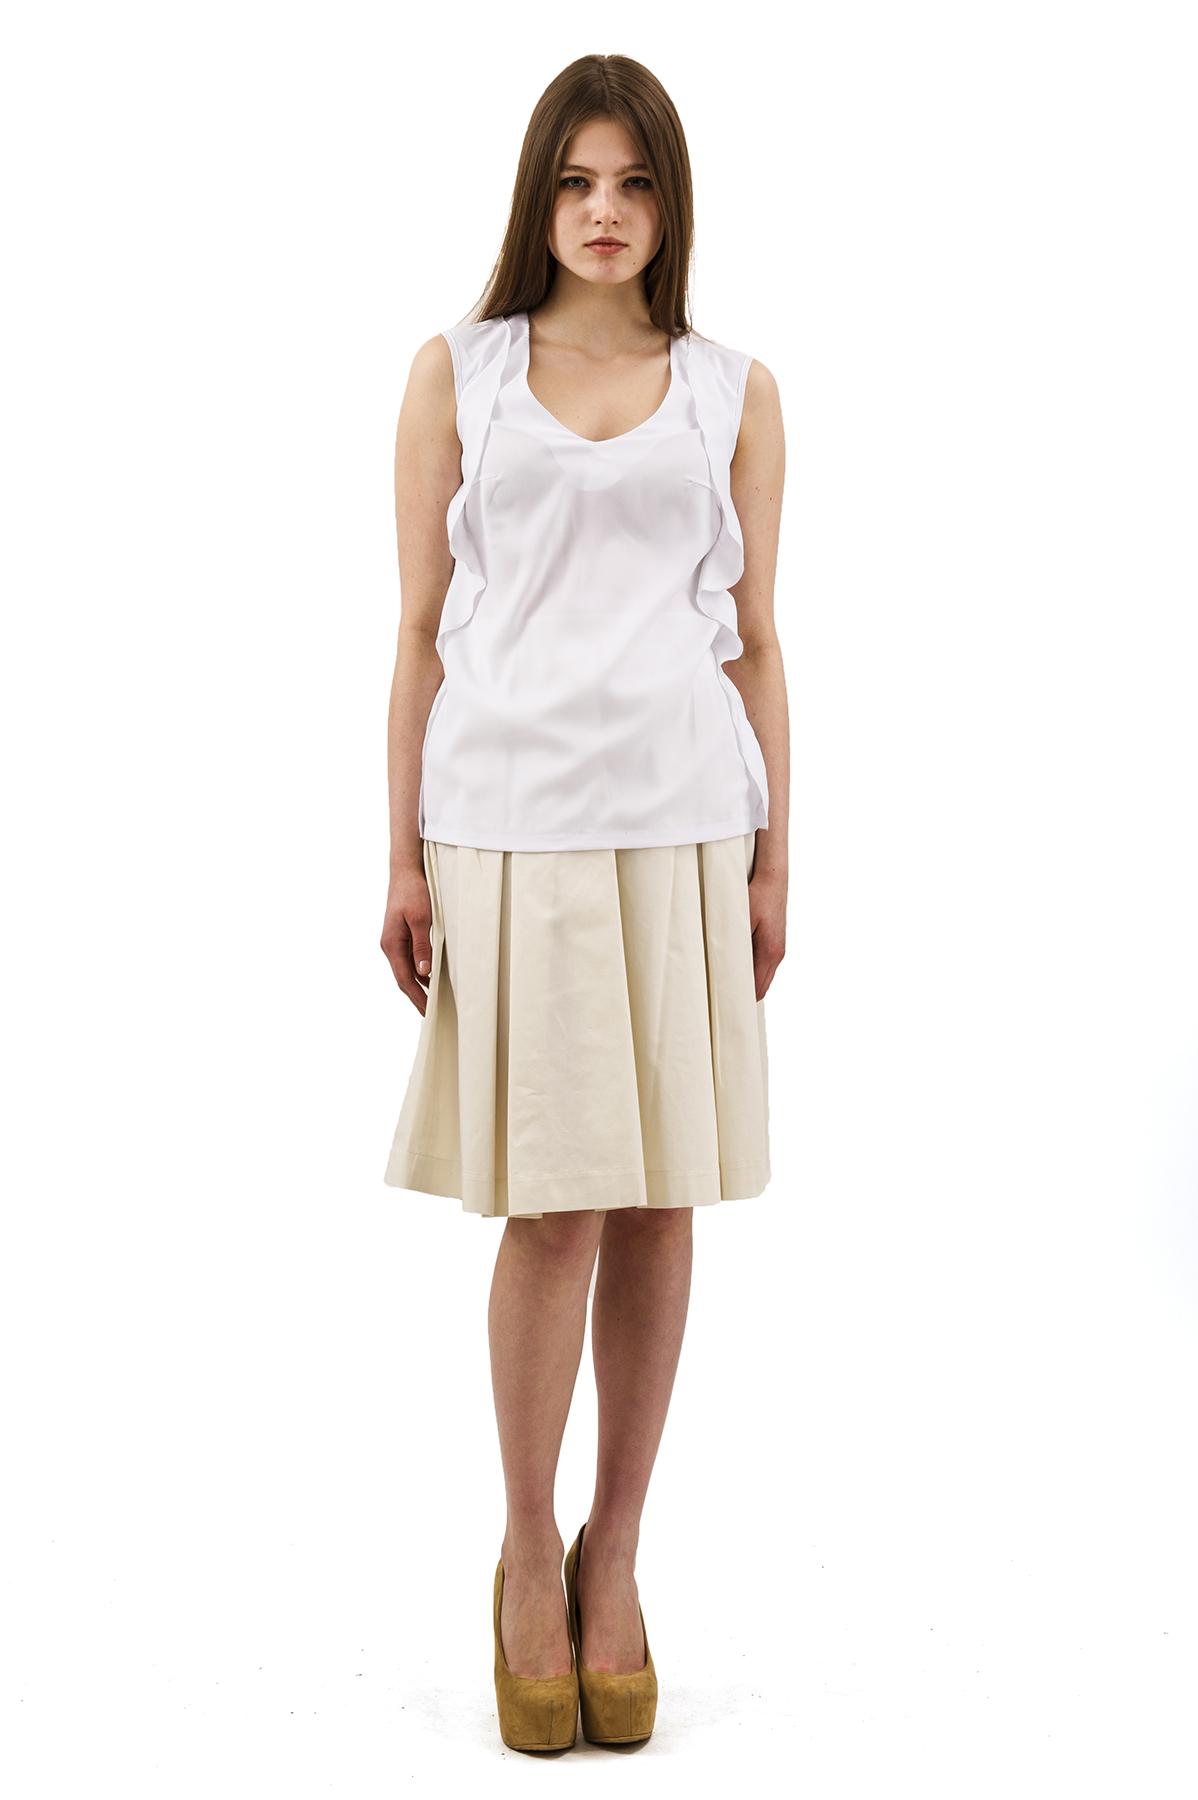 БлузаЖенские блузки<br>Эффектная блузка Doctor E оригинального дизайна привлечет к Вам всеобщее внимание и подчеркнет Ваш оригинальный вкус. Изделие будет удачно гармонировать с любыми предметами гардероба.<br><br>Цвет: белый<br>Состав: 97%полиэстер, 3% лайкра<br>Размер: 40,42,44,46,48,50,56,58<br>Страна дизайна: Россия<br>Страна производства: Россия